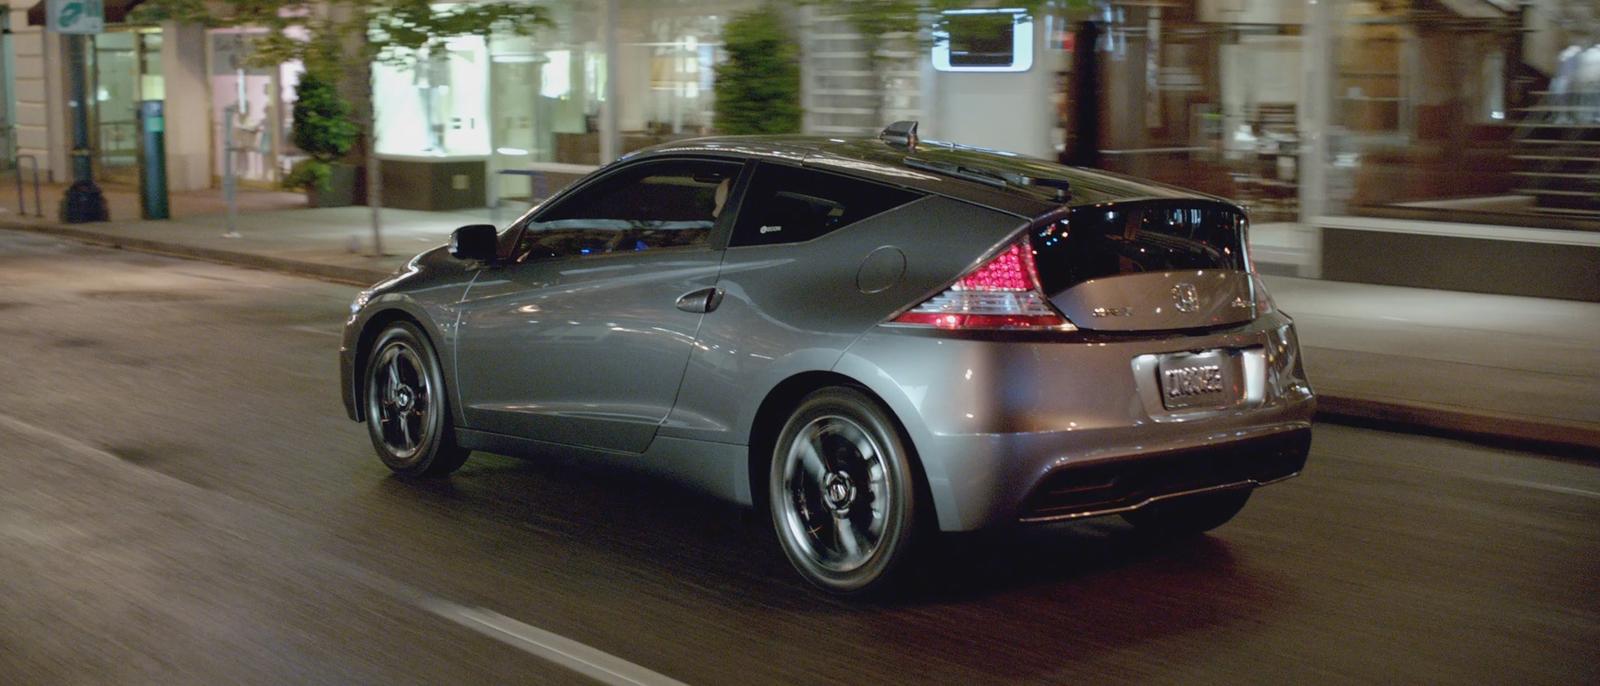 2015 Honda CR-Z rear exterior